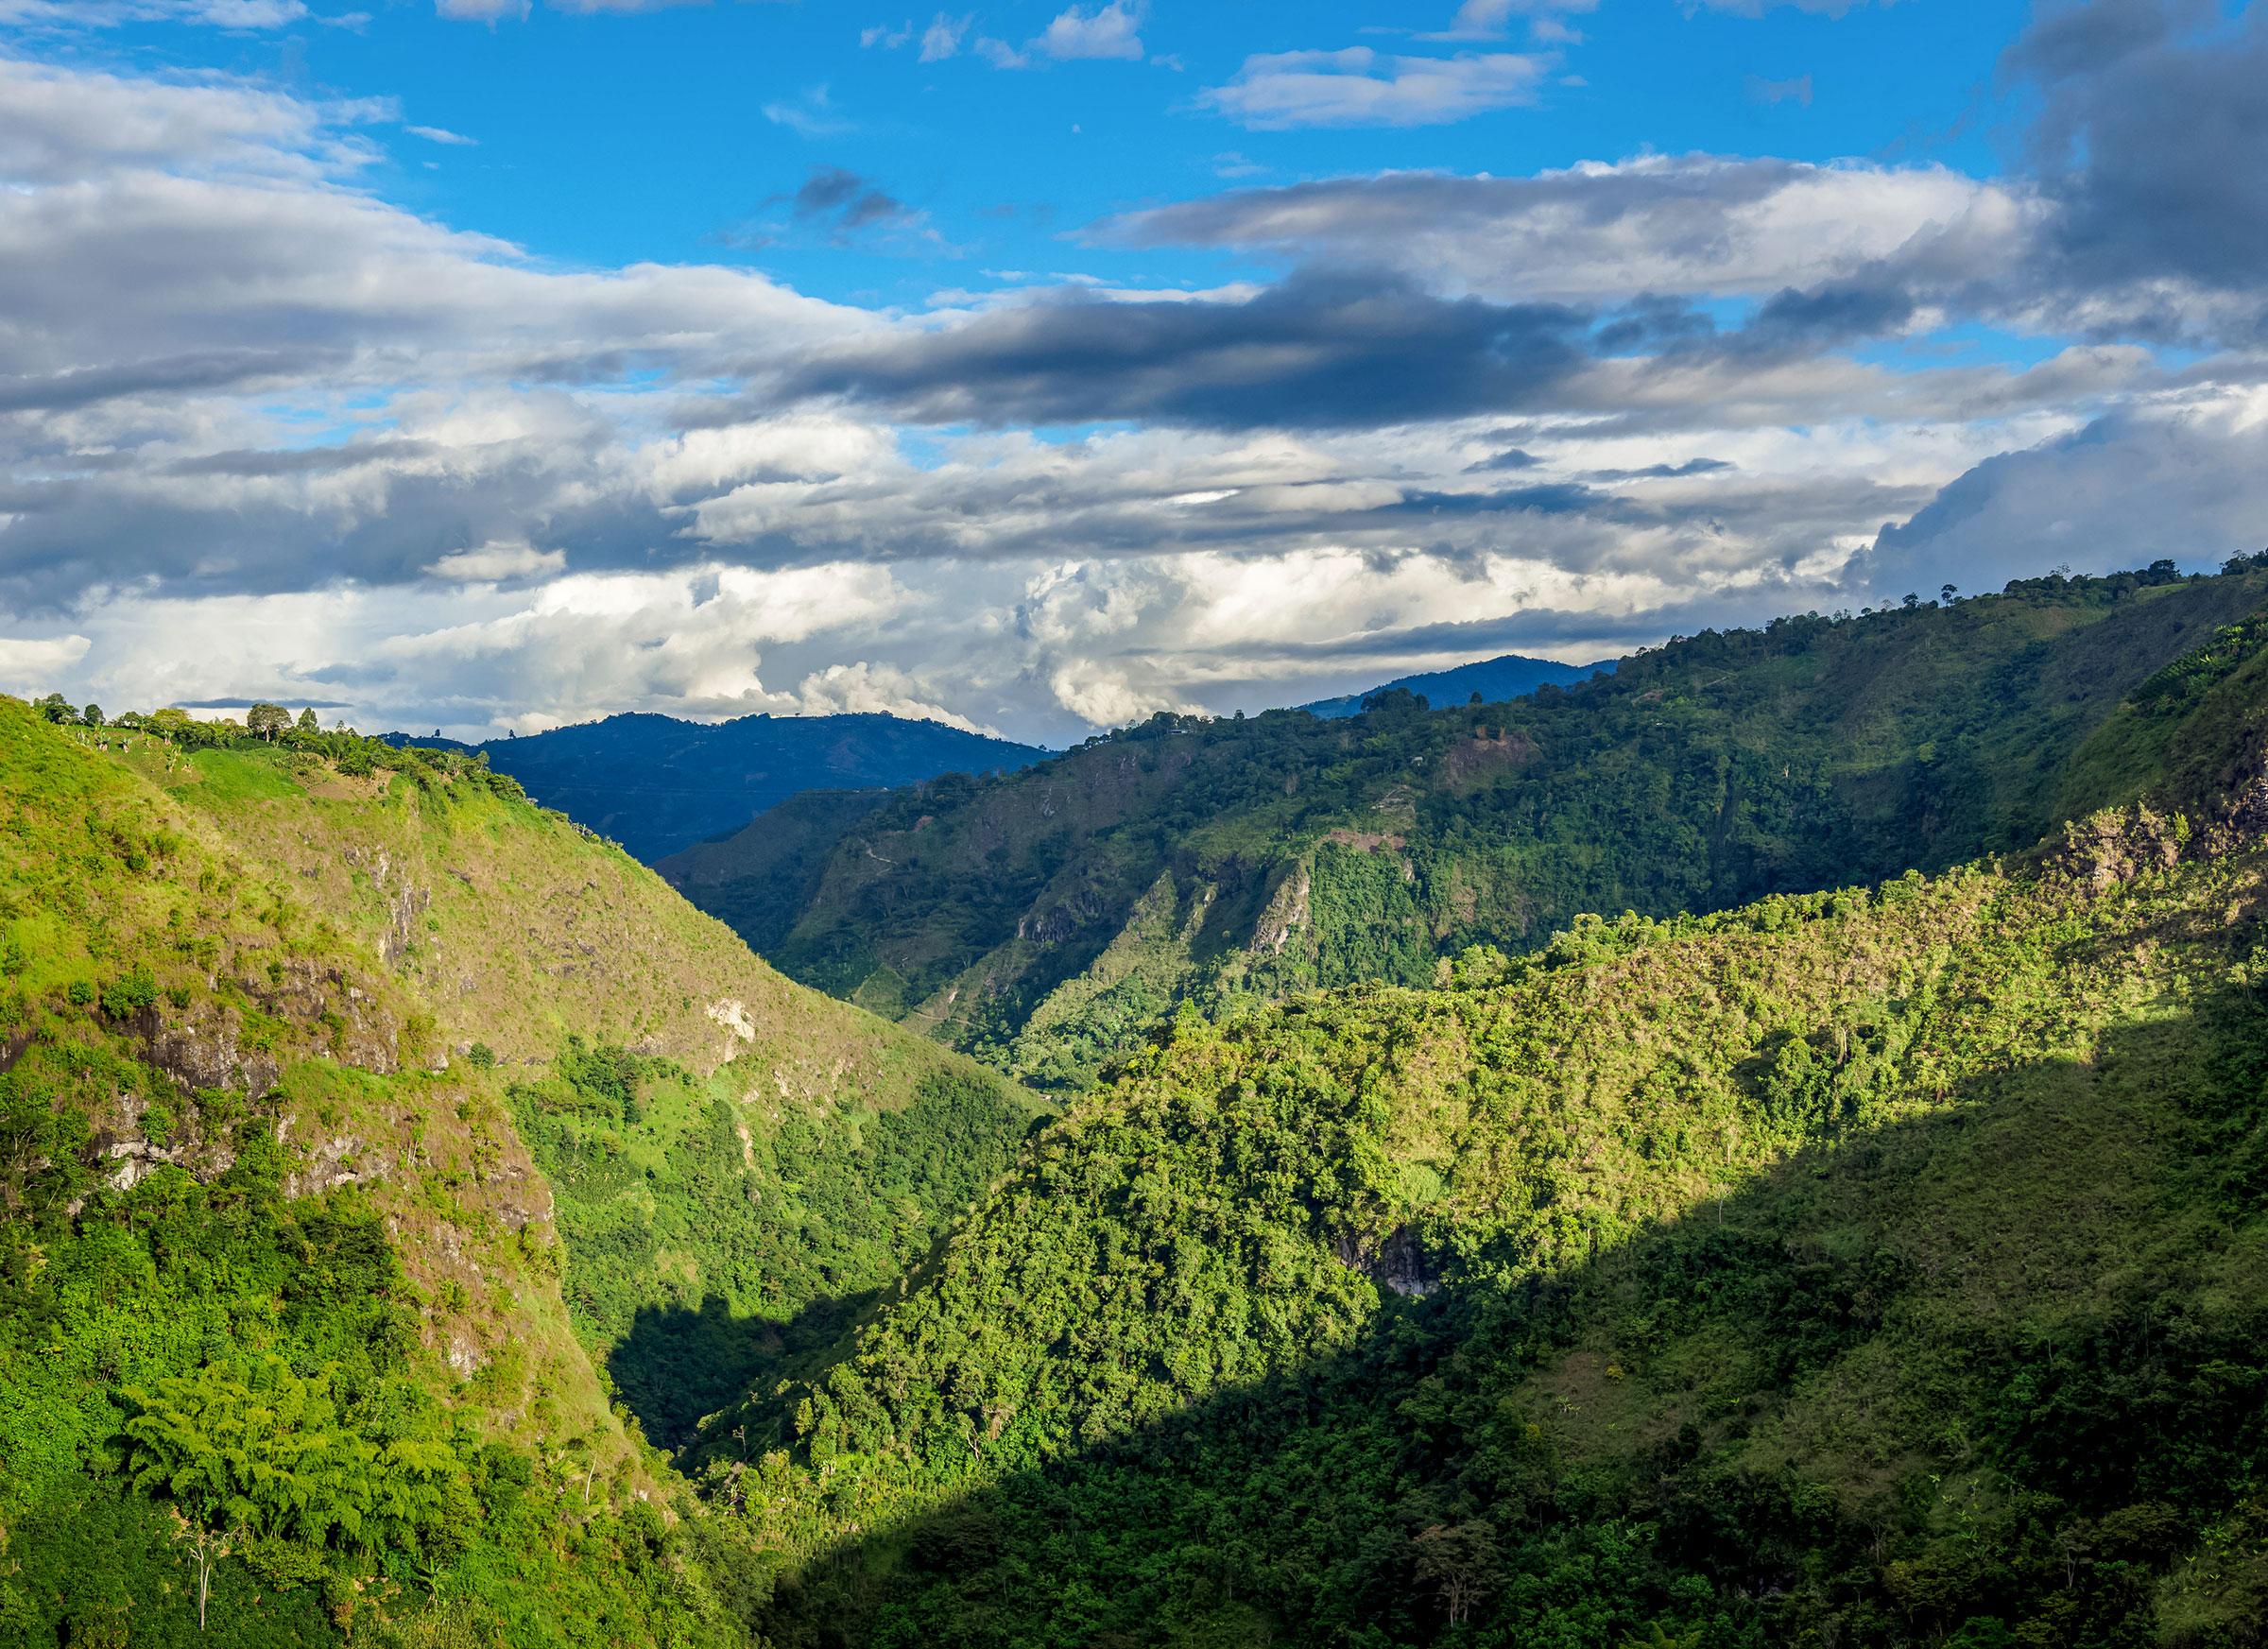 Magdalena River Valley, Colombia. Karol Kozlowski/Alamy